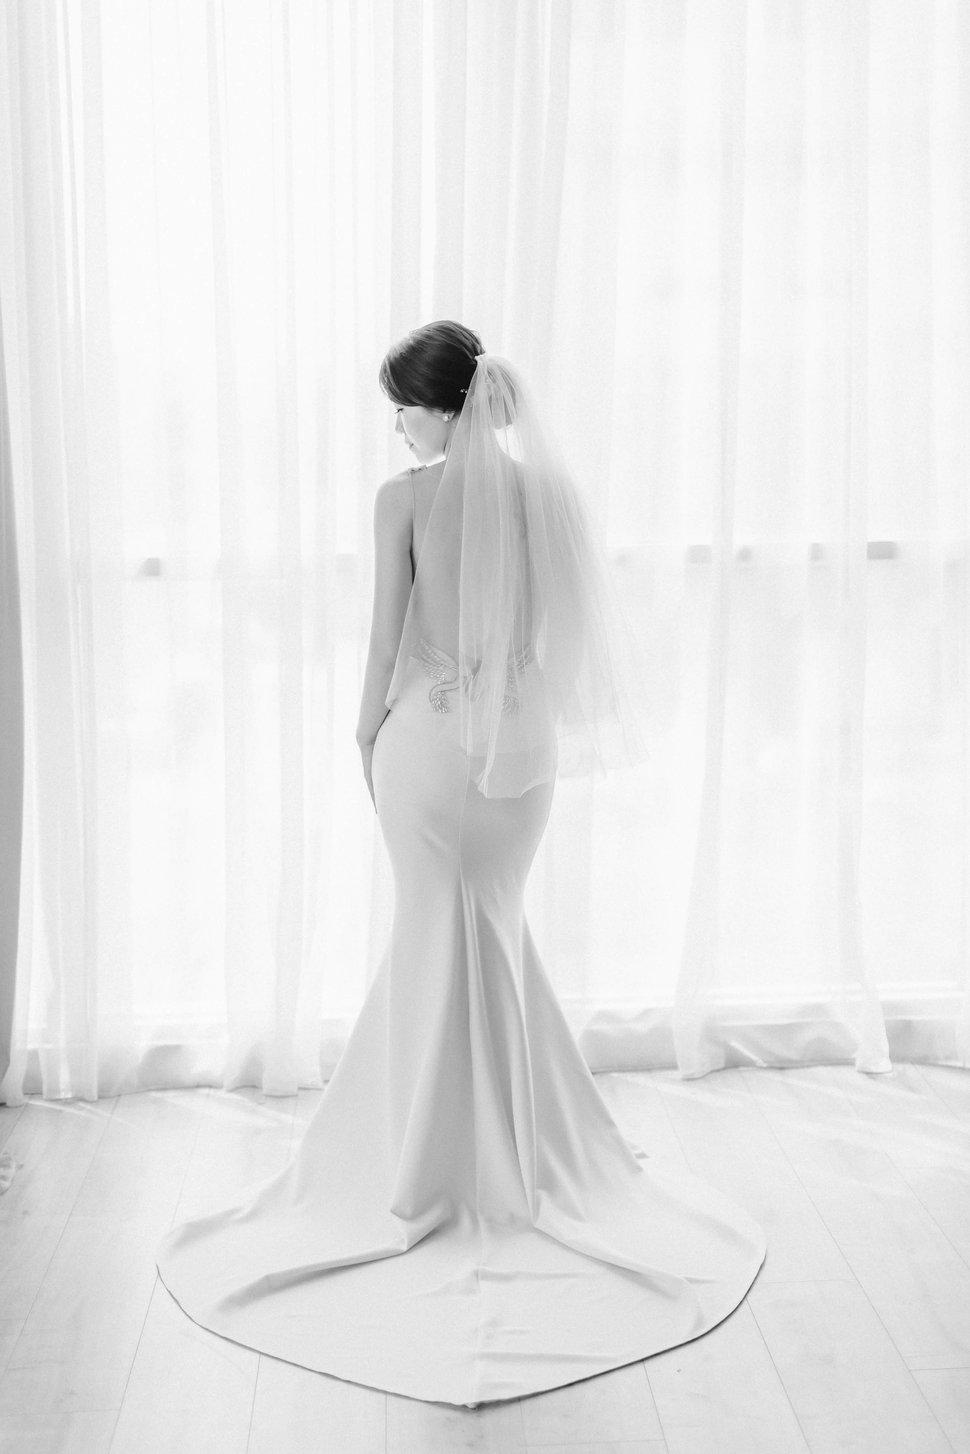 美式婚紗-自助婚紗-戶外婚紗-Amazing Grace攝影- Amazing Grace Studio-台北婚紗-台中婚紗-美式婚攝29 - Amazing Grace Studio《結婚吧》